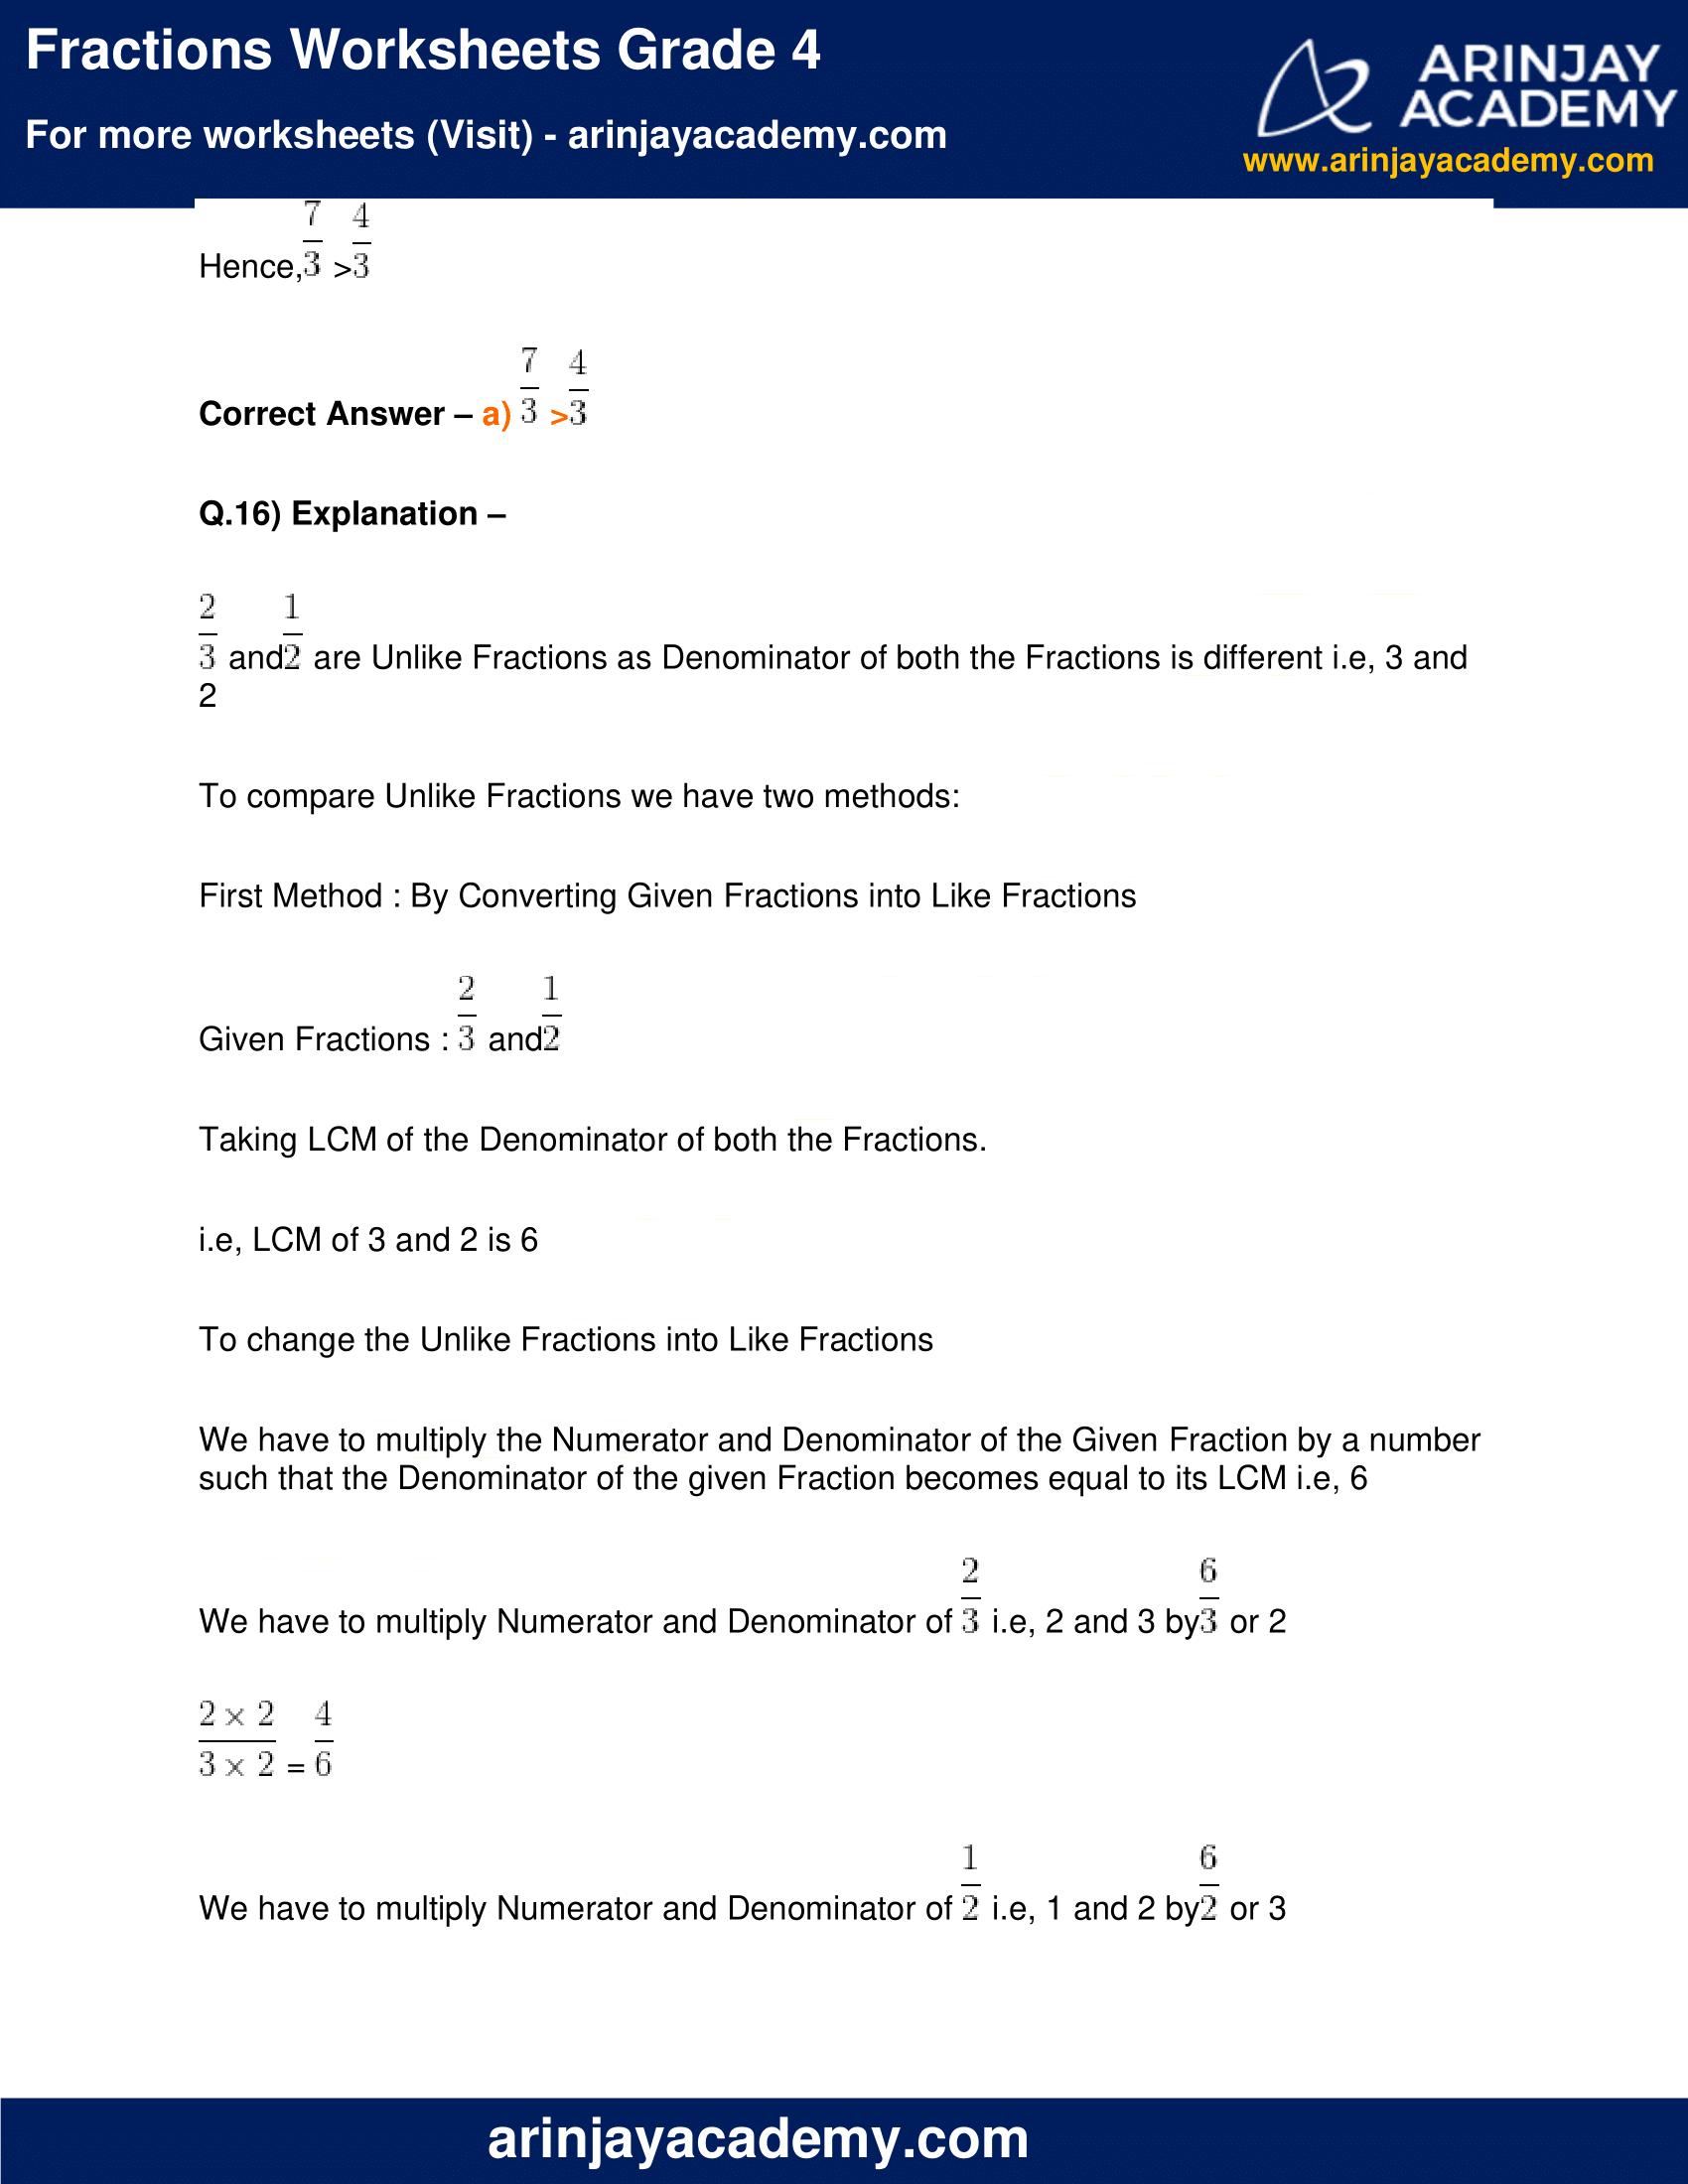 Fractions Worksheets Grade 4 image 14